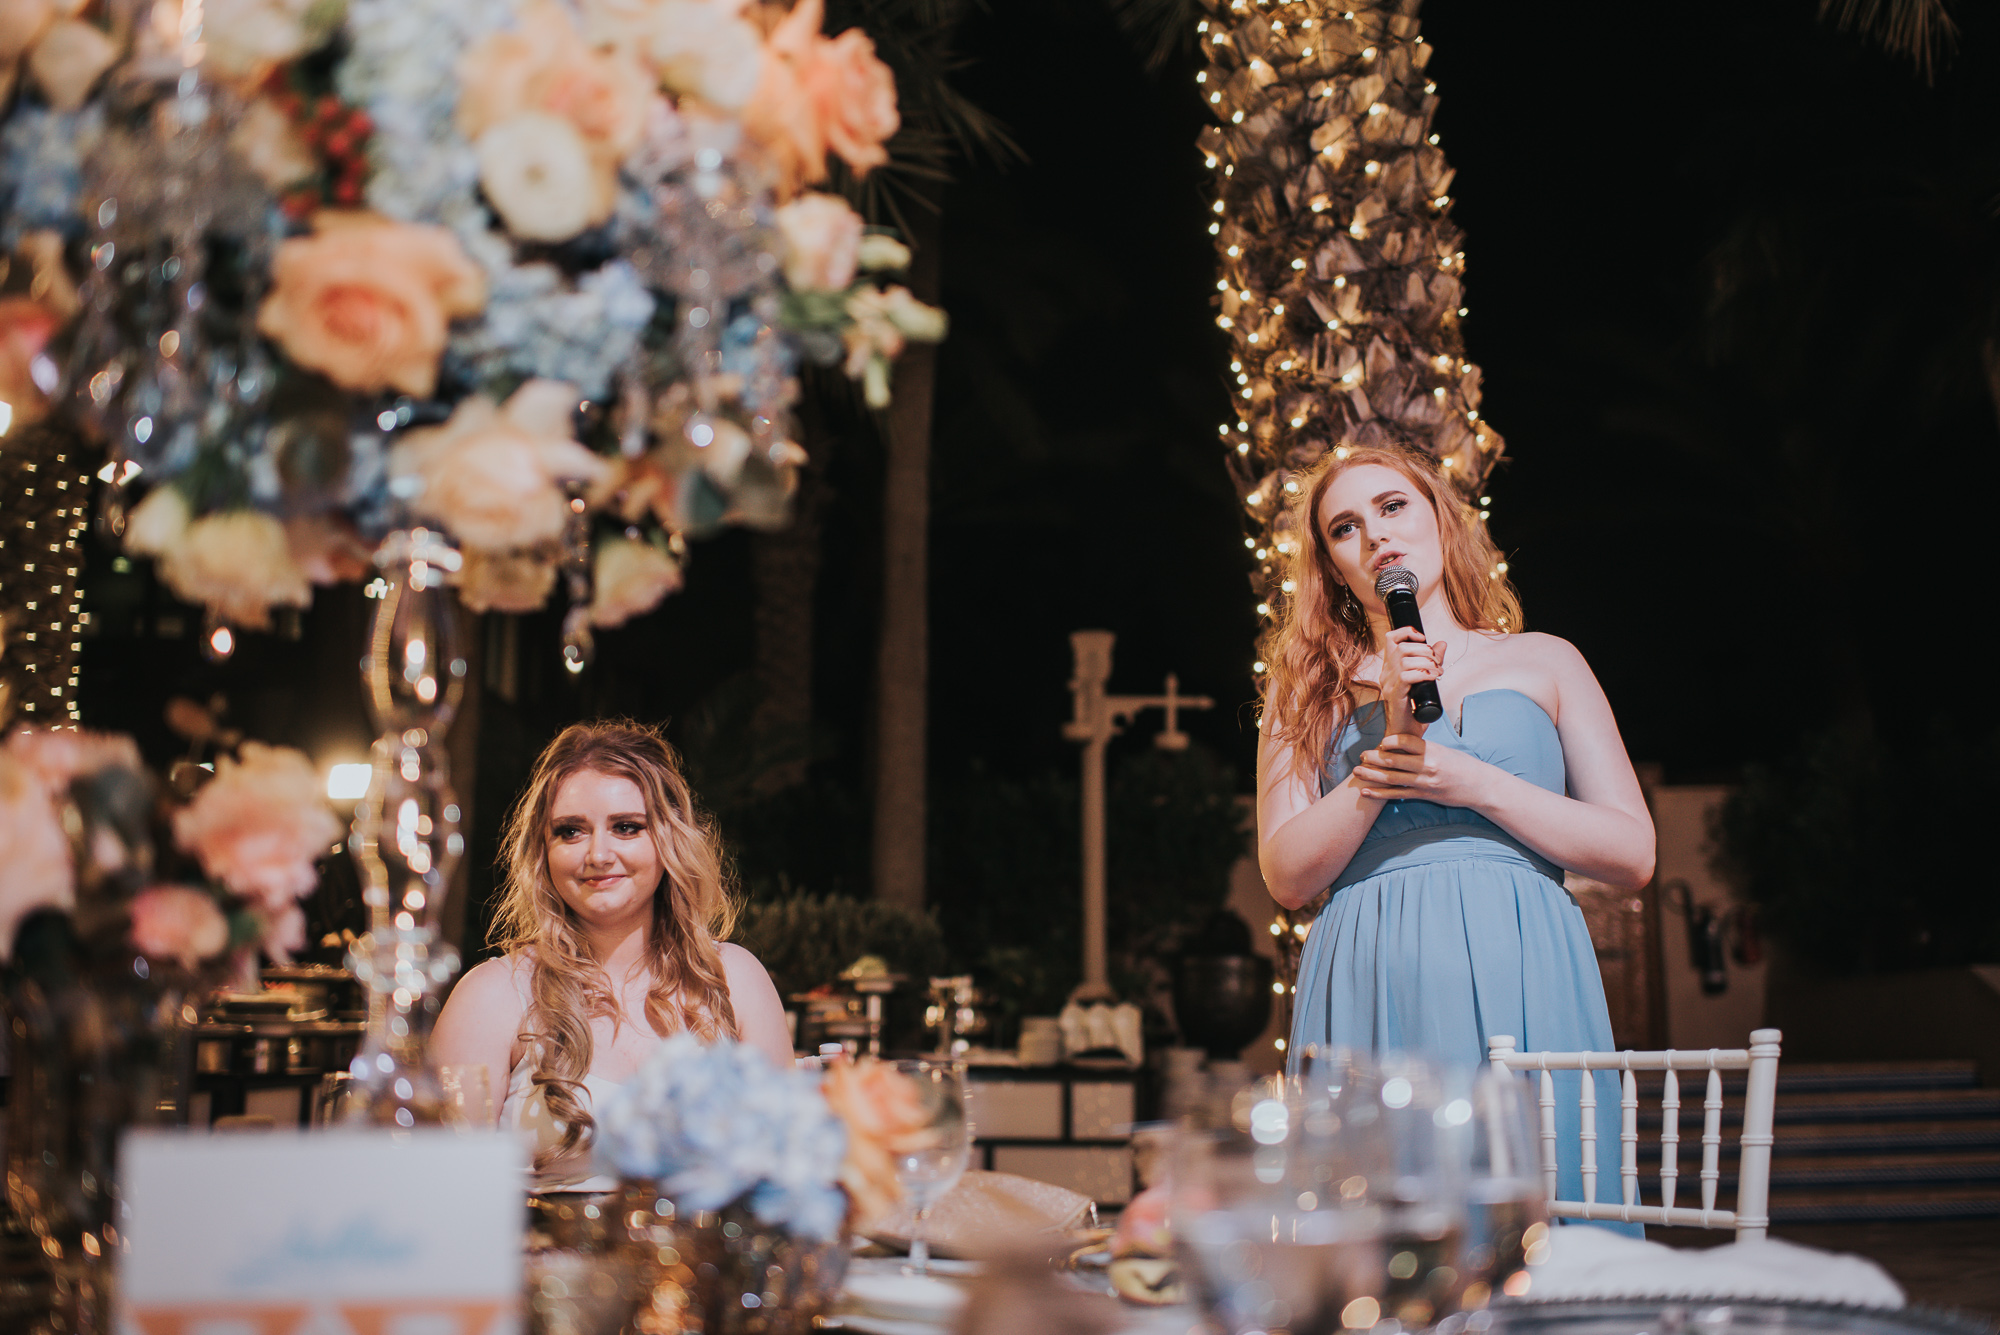 madinat jumeirah dubai wedding photographer  destination wedding photography (40 of 52).jpg